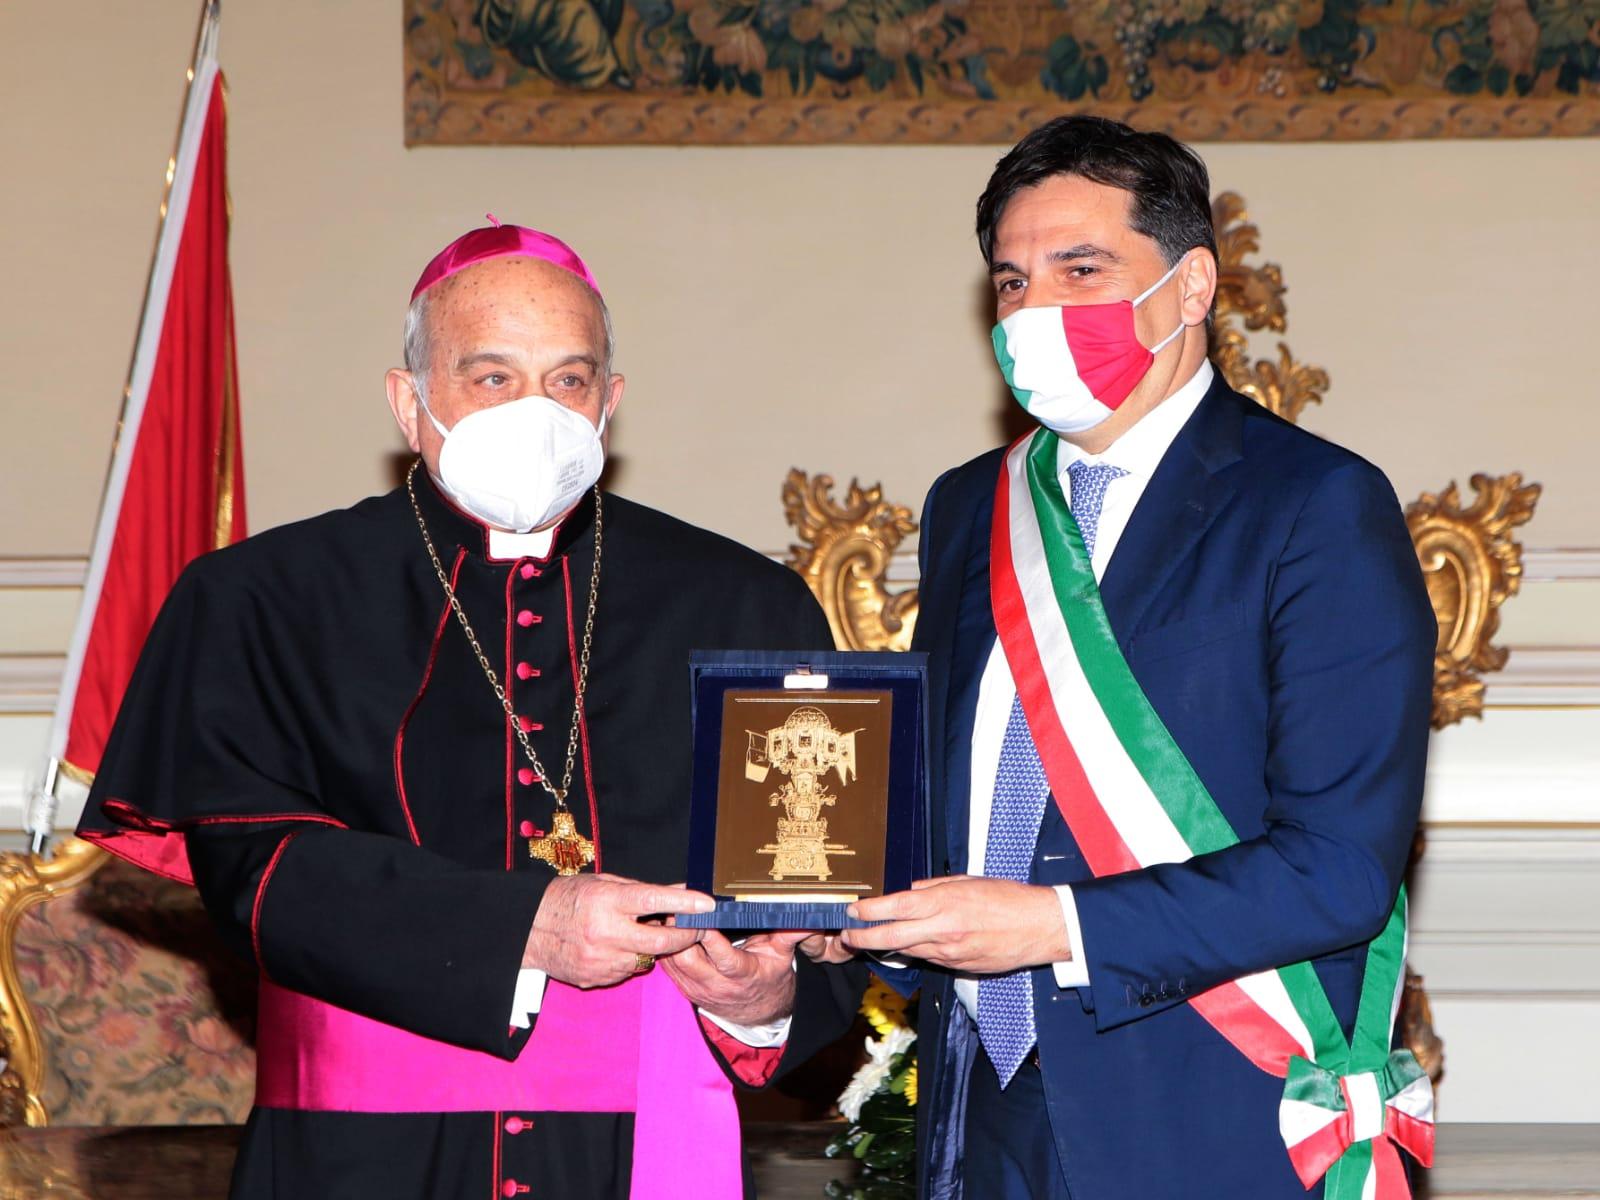 Candelora d'oro a monsignor Gristina